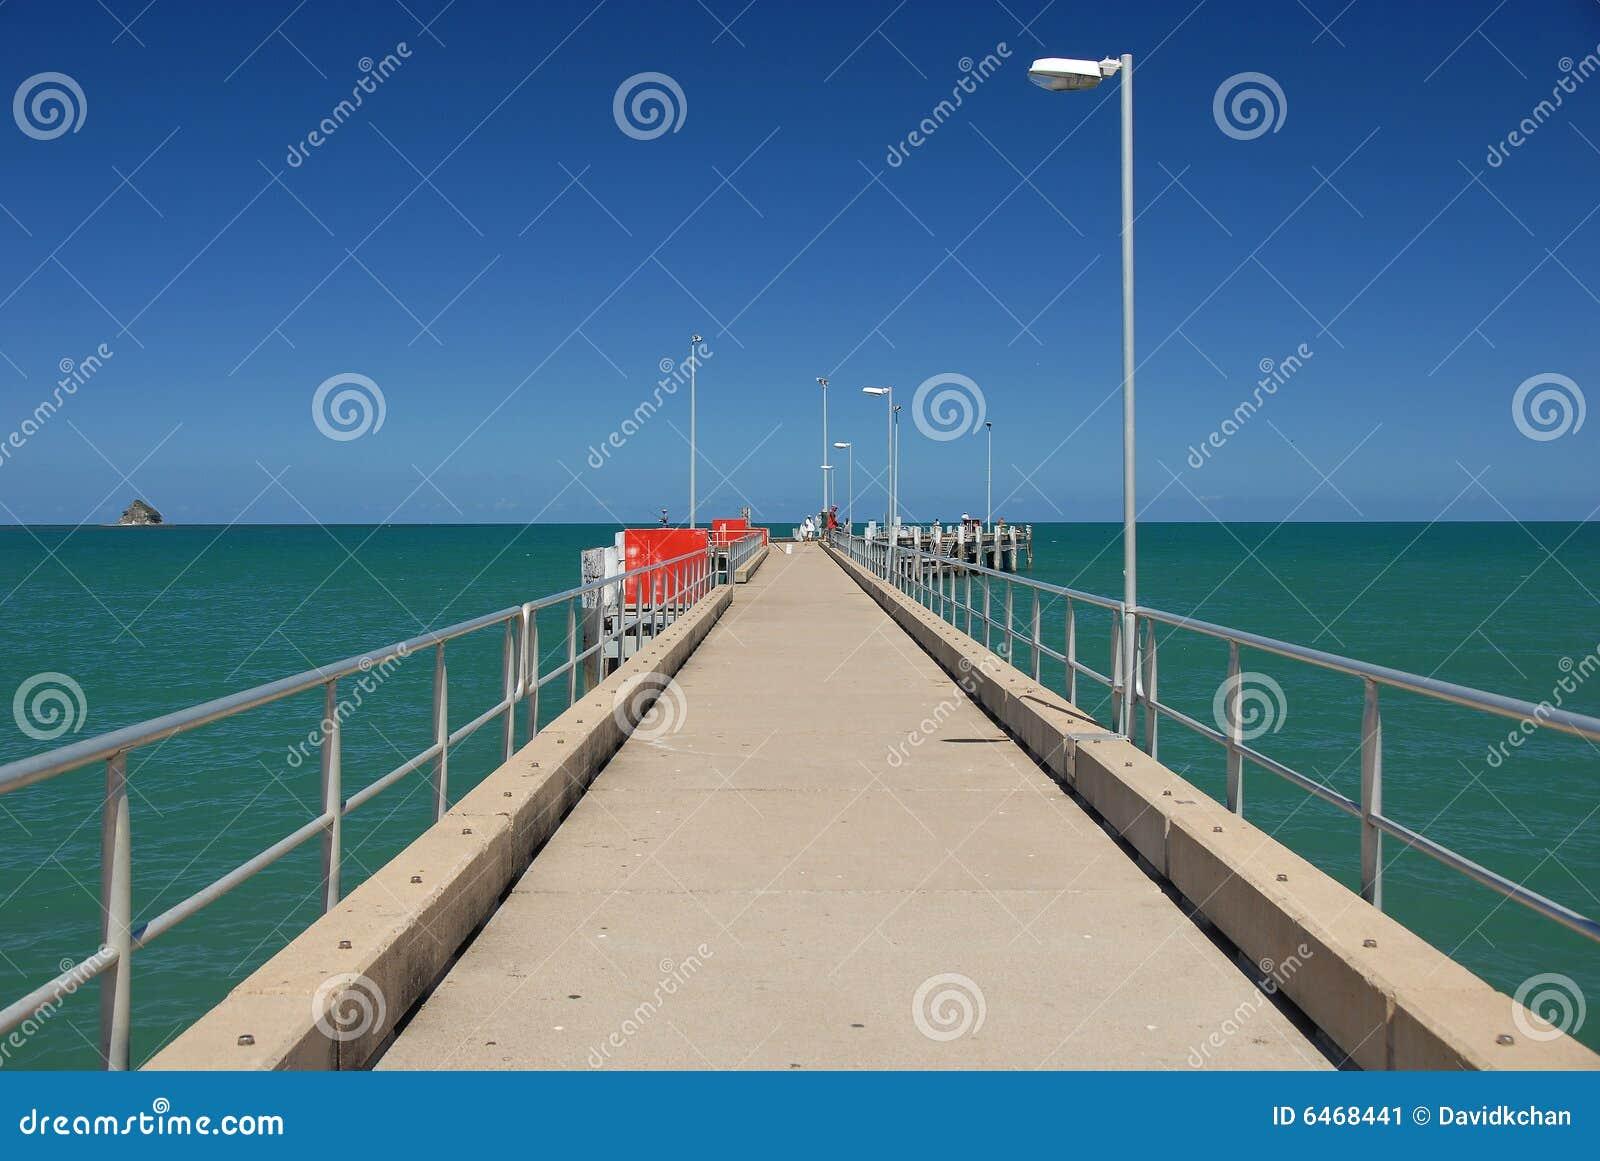 Embarcadero en el gran filón de barrera